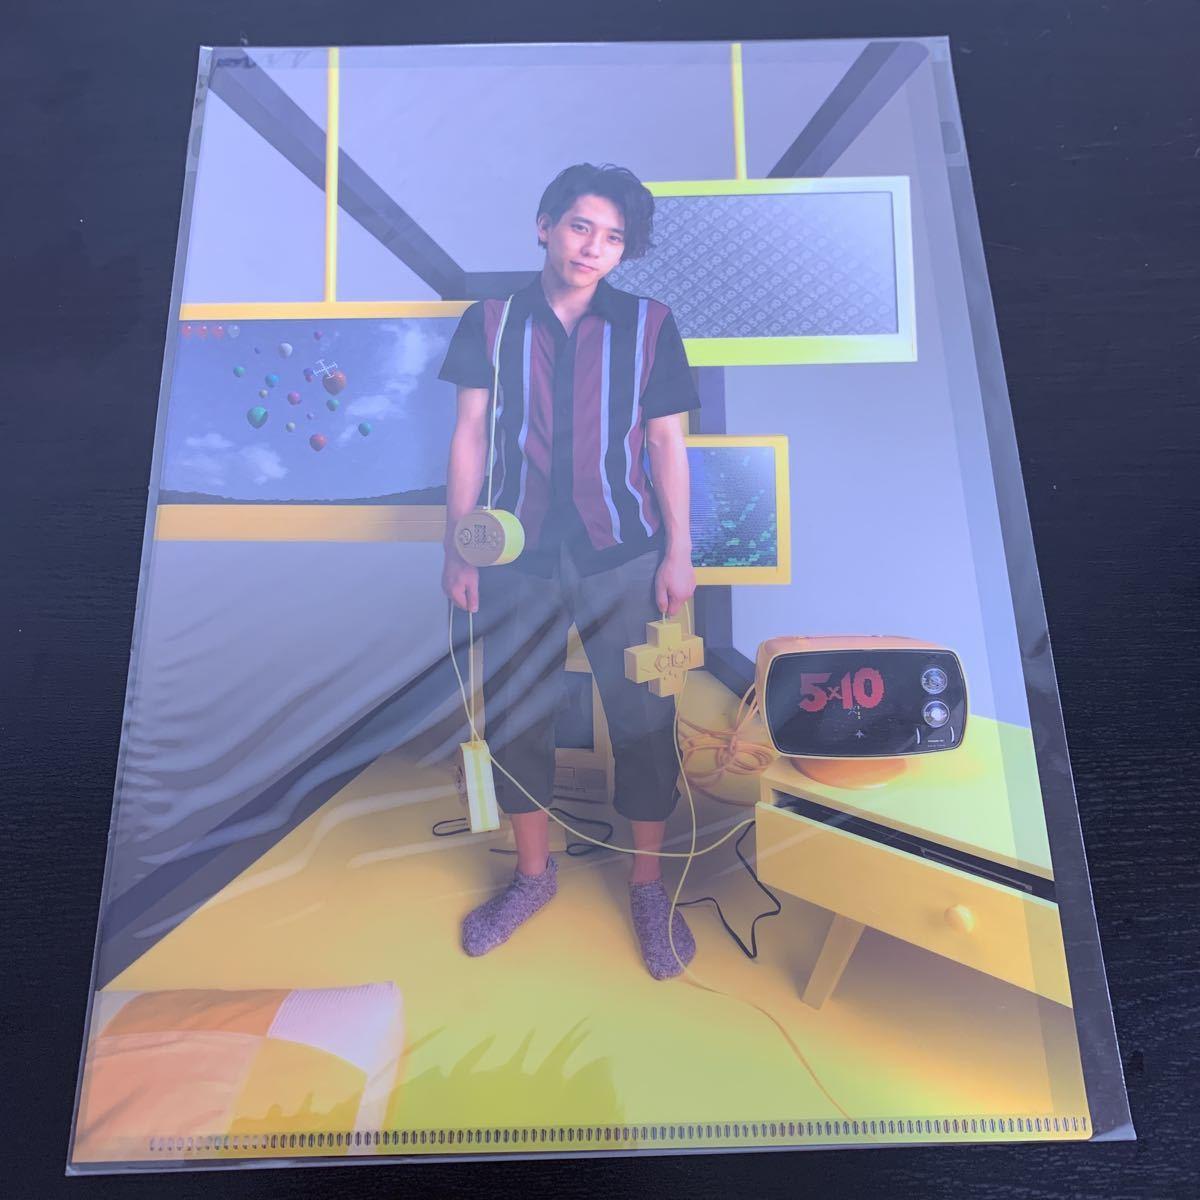 嵐 ARASHI Anniversary Tour 5×10 二宮和也 クリアファイル 新品未開封 送料無料 黄色 ニノ 2009 10周年ライブコンサートグッズ